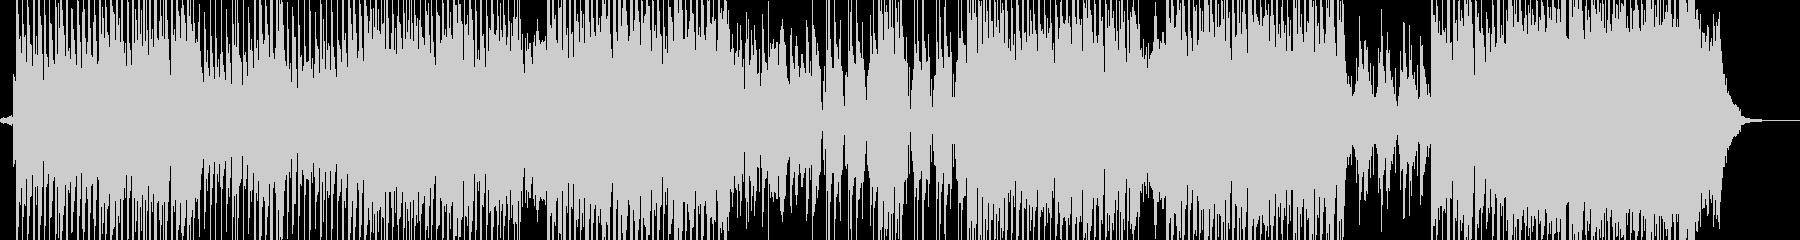 スリラーシンセ・テクノ ホルン・ギター無の未再生の波形